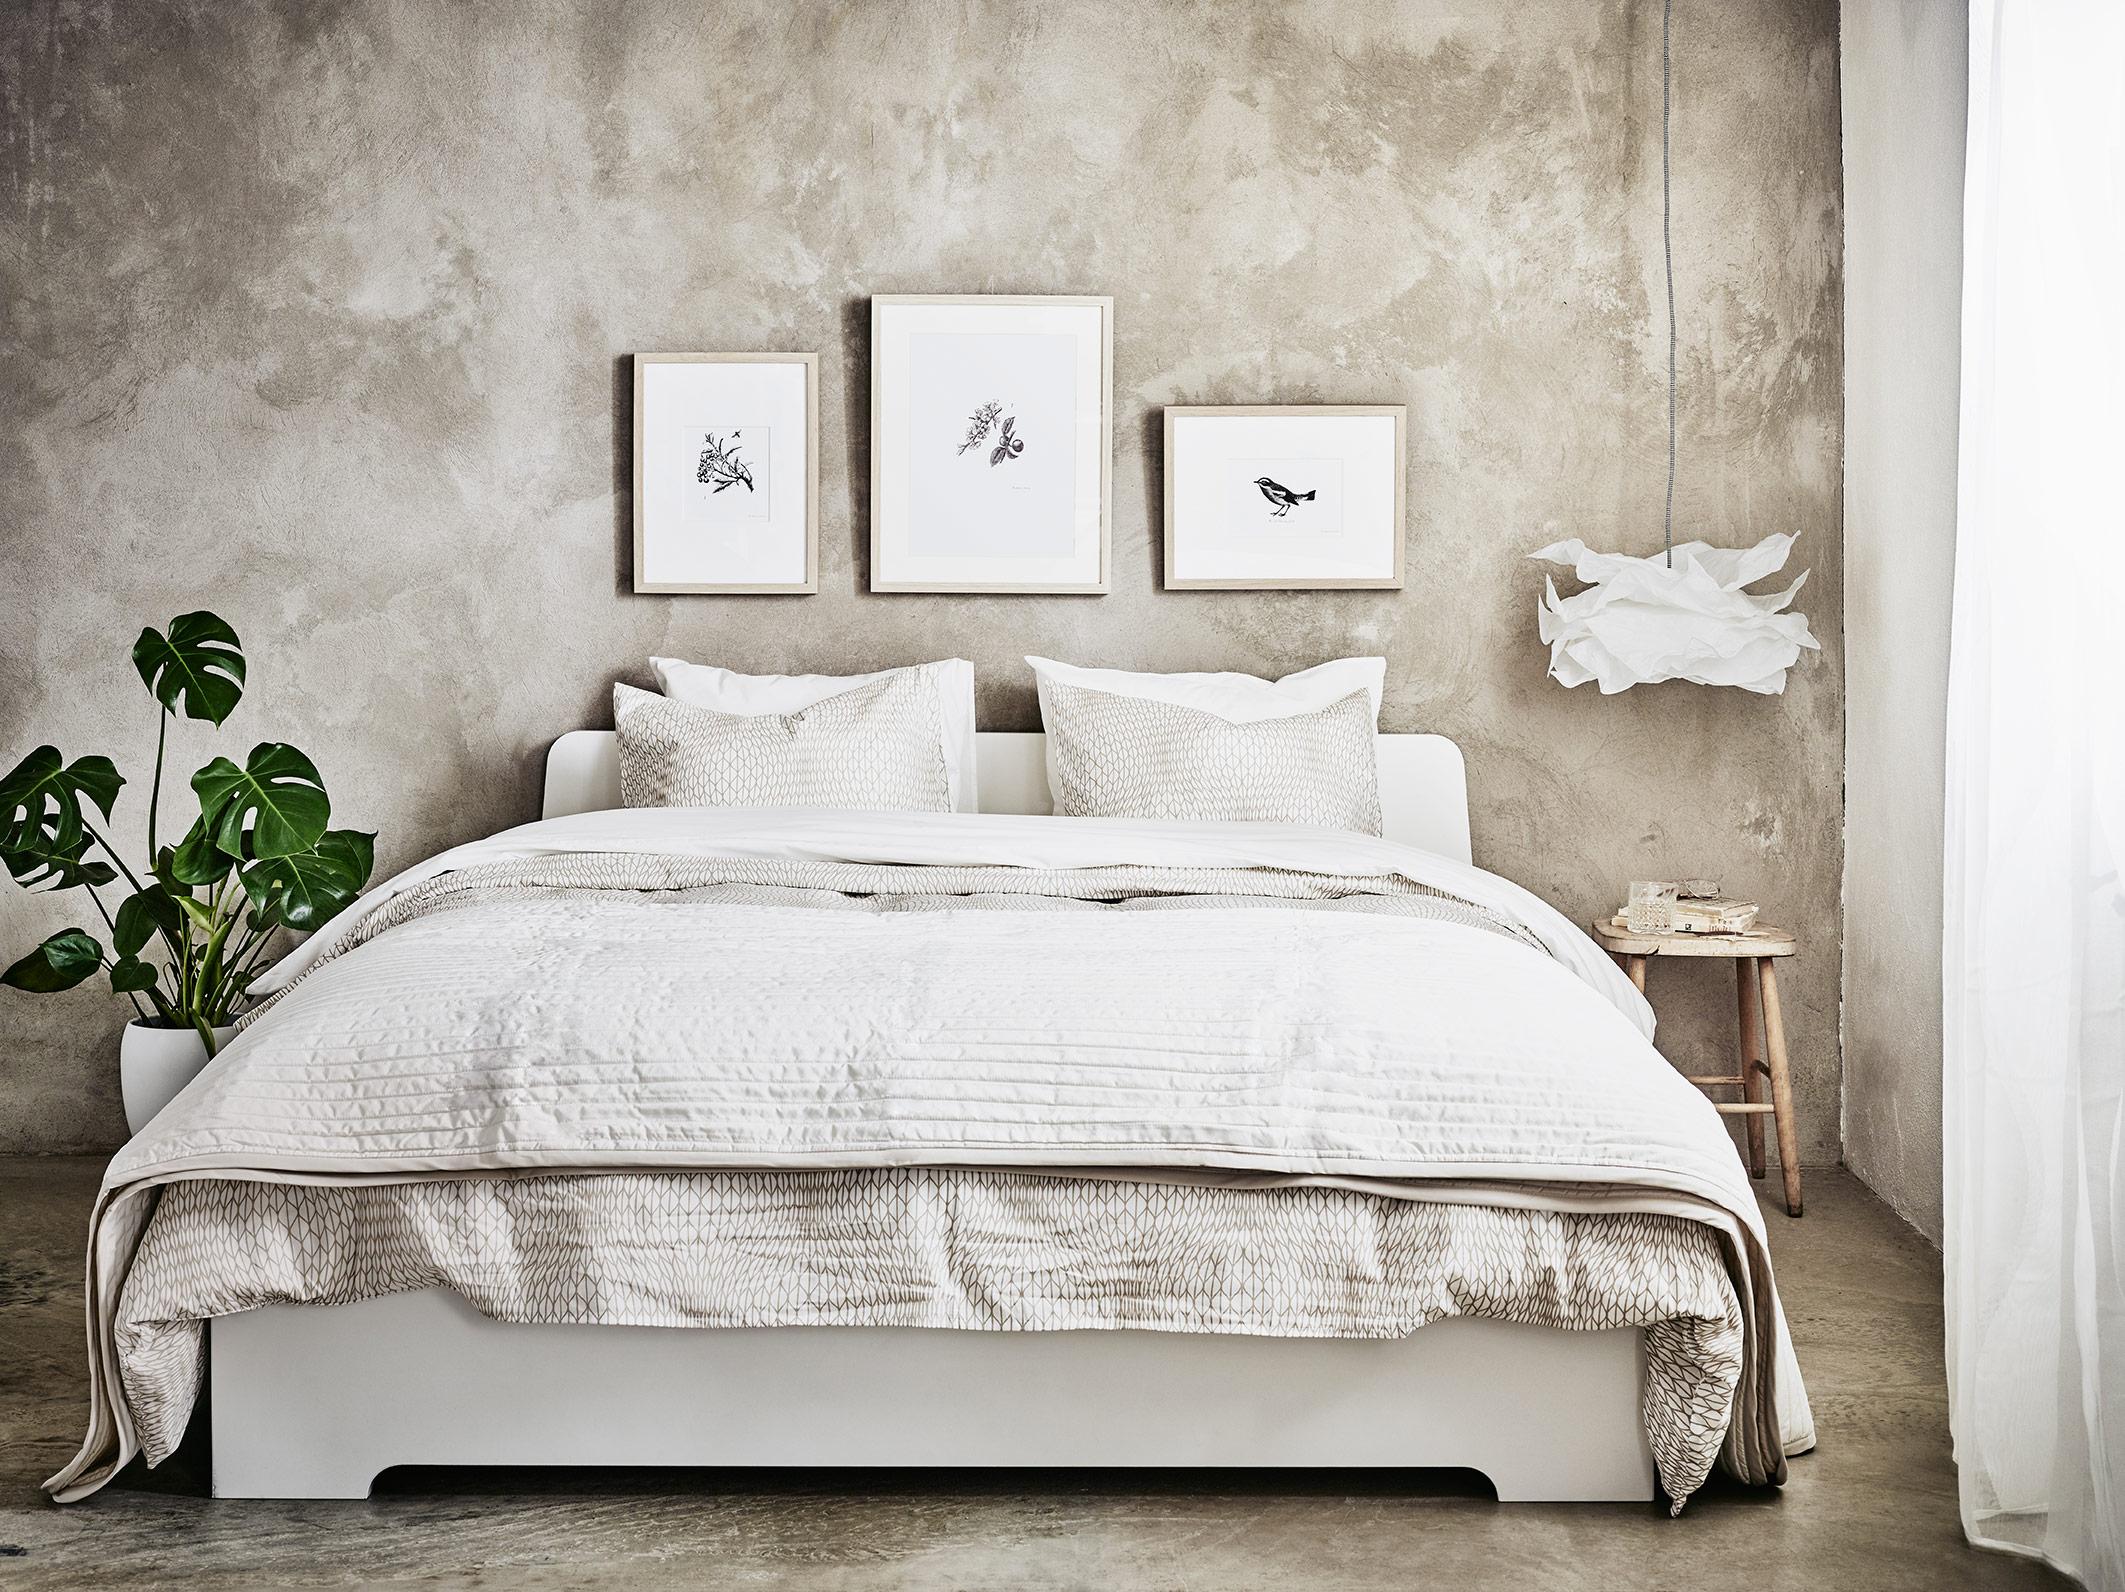 Ikea släpper ny sovrumskollektion Ett Rum Till